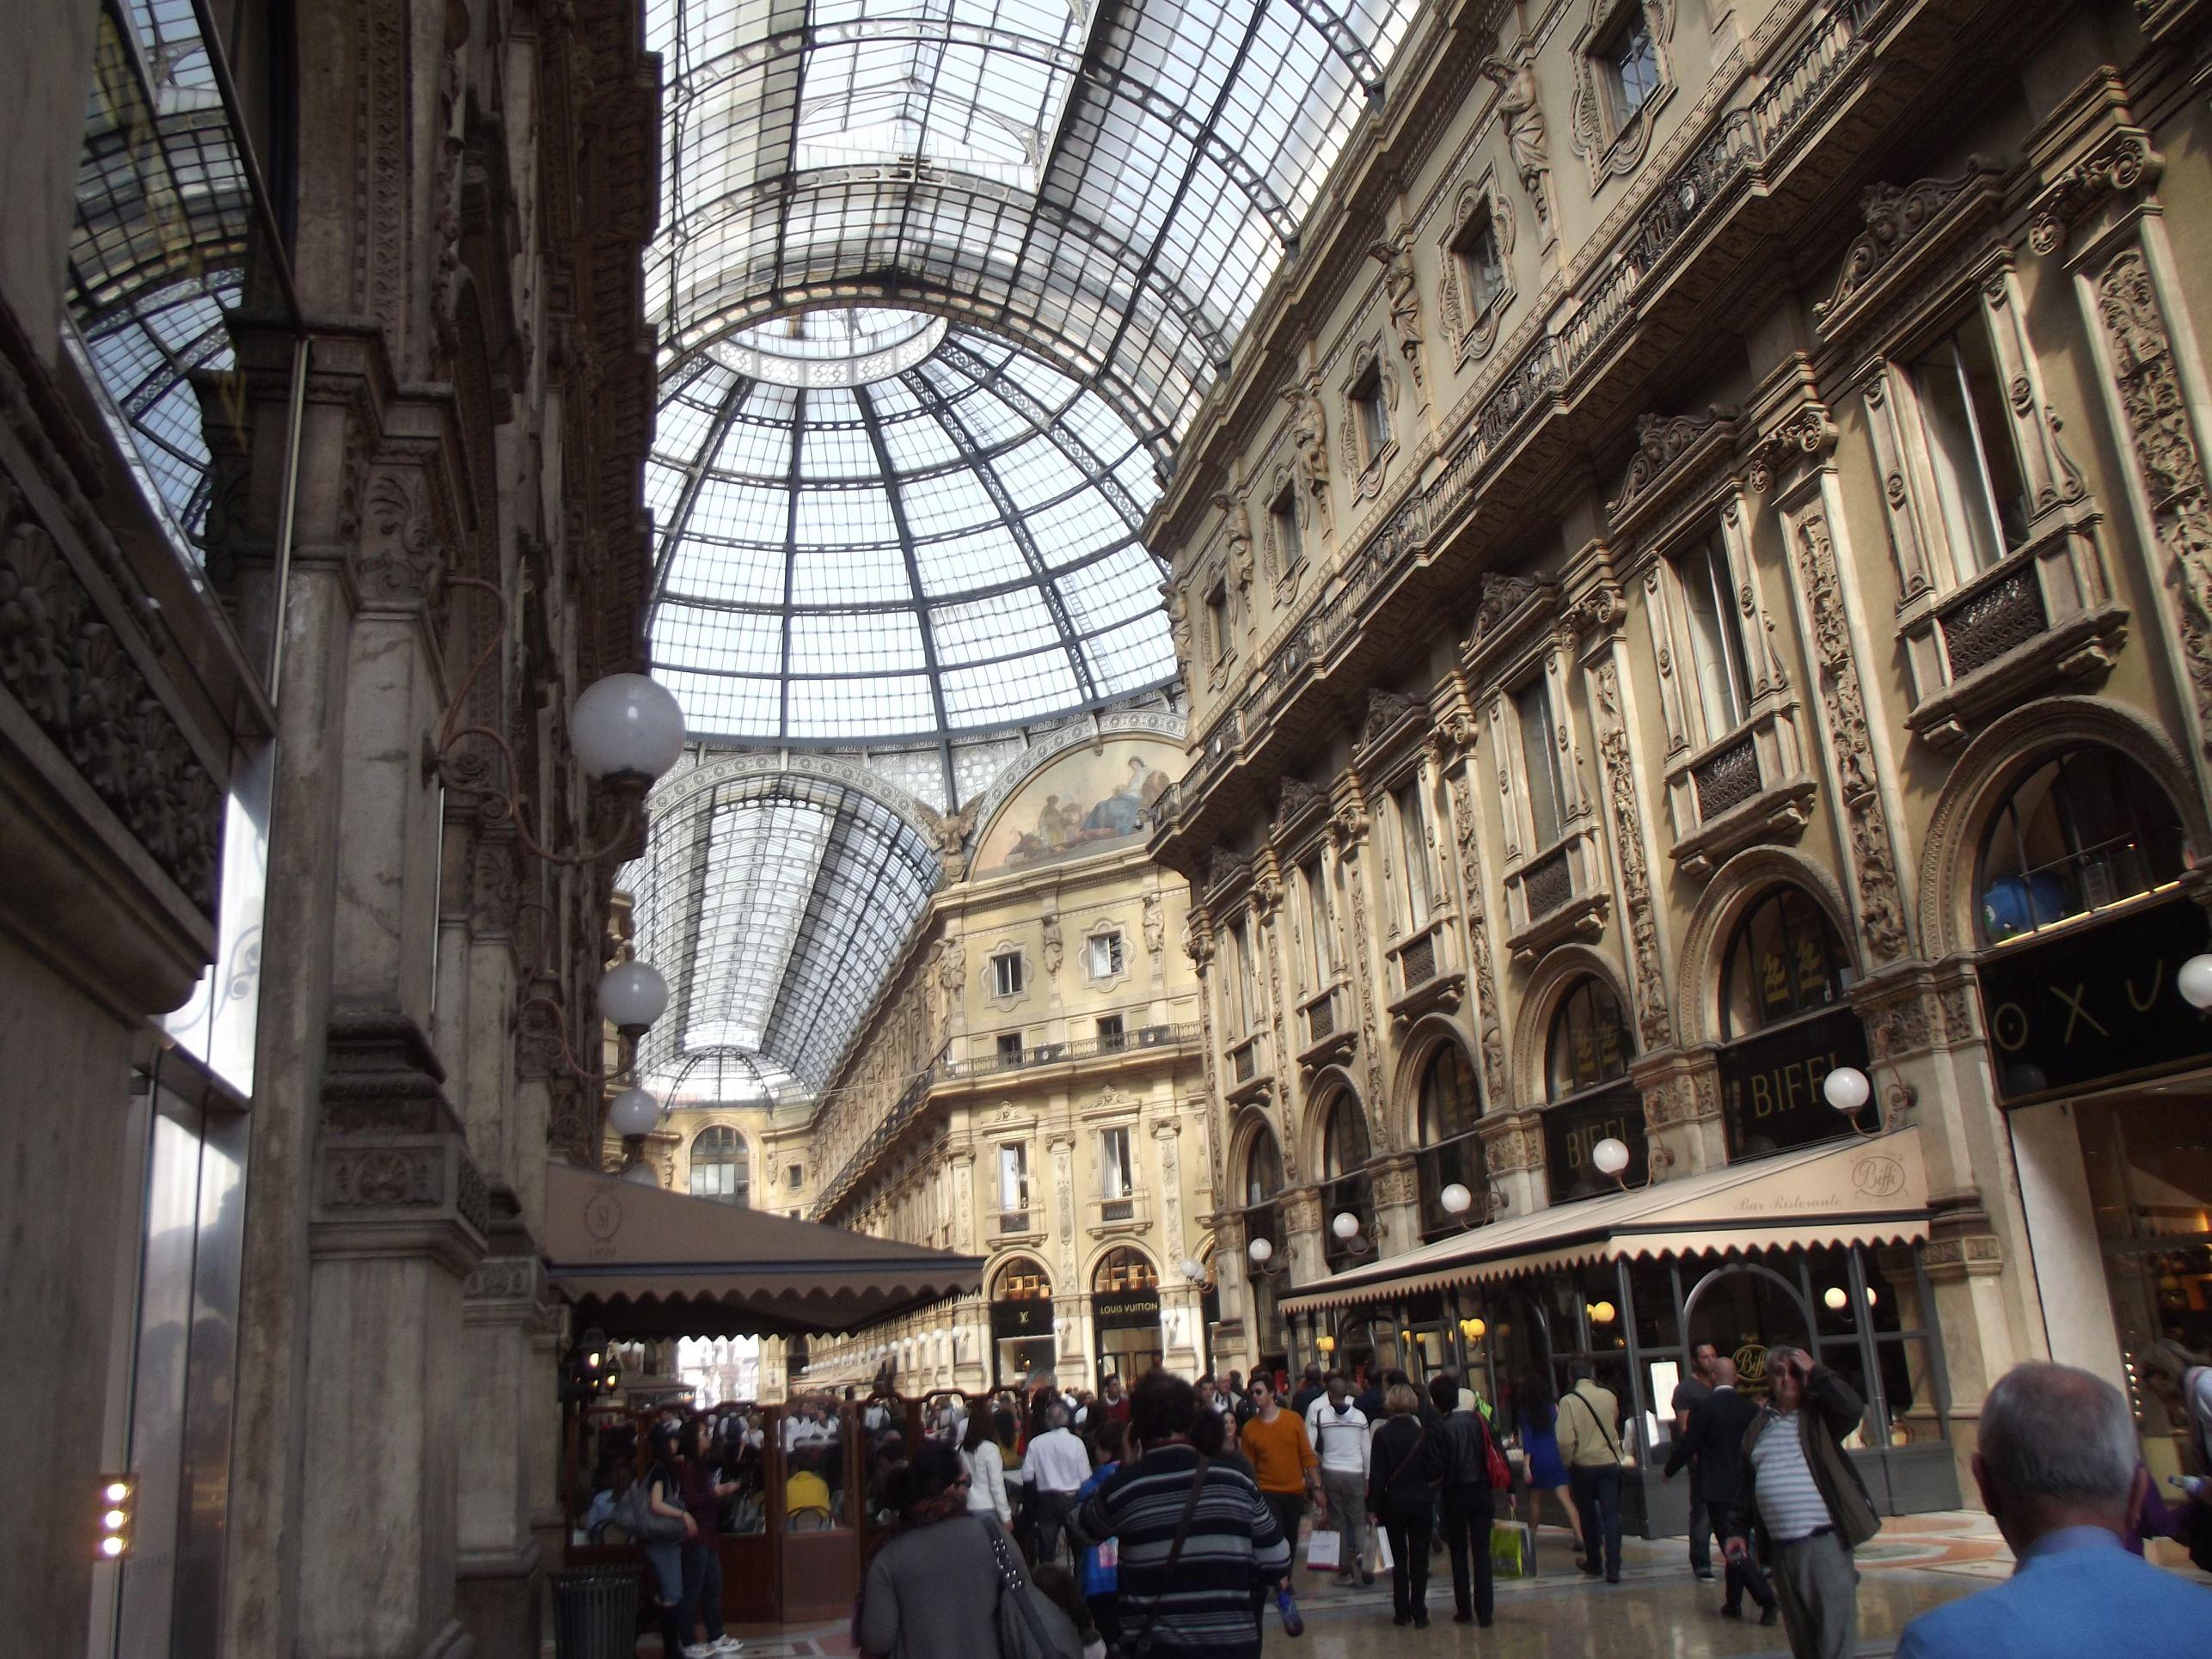 22_Galleria Vittorio Emanuele II.